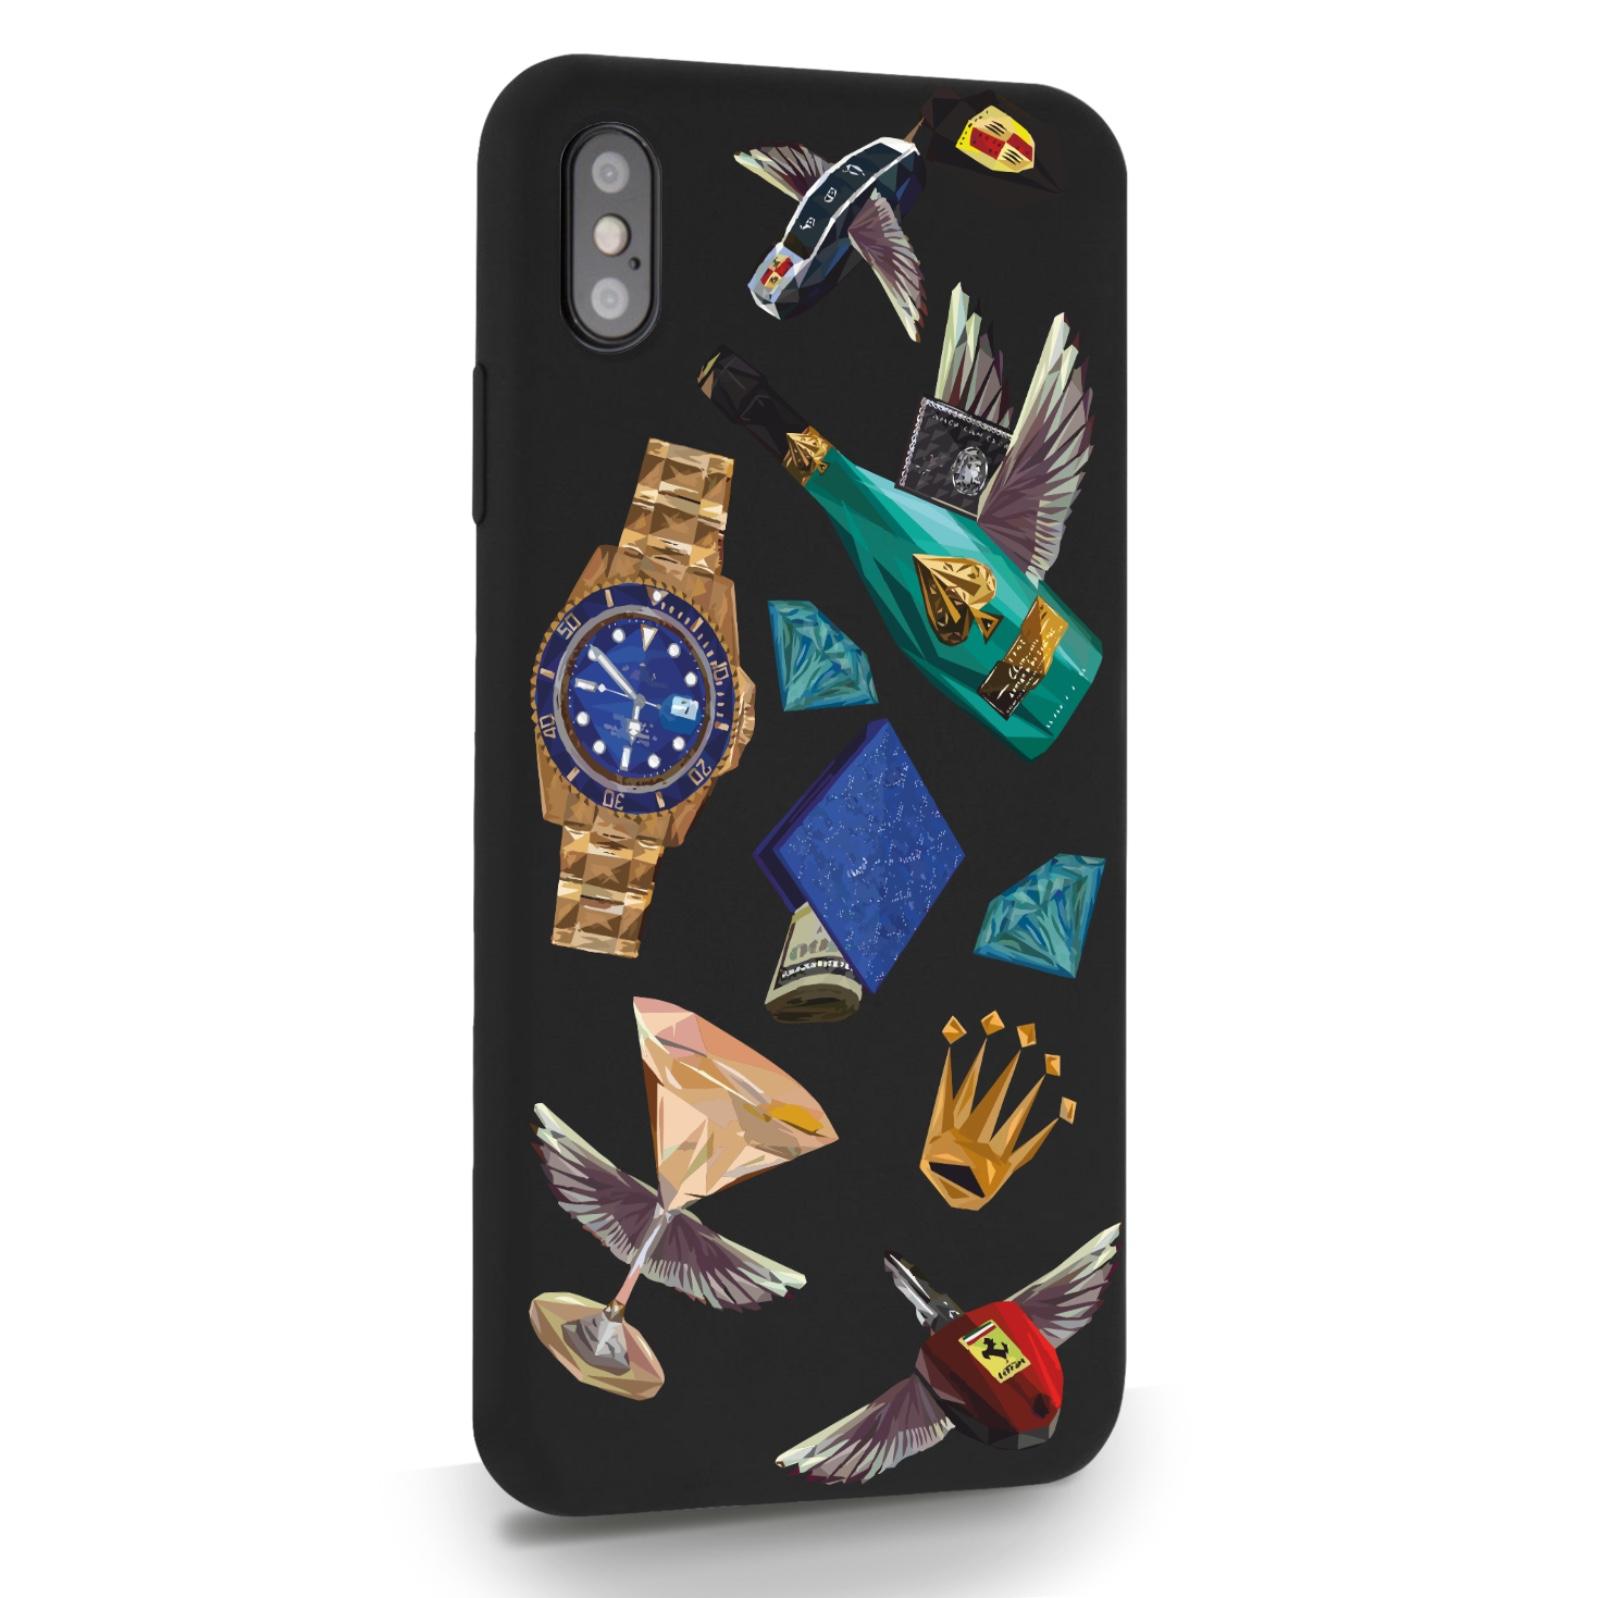 Черный силиконовый чехол для iPhone XS Max Luxury lifestyle для Айфон 10C Макс